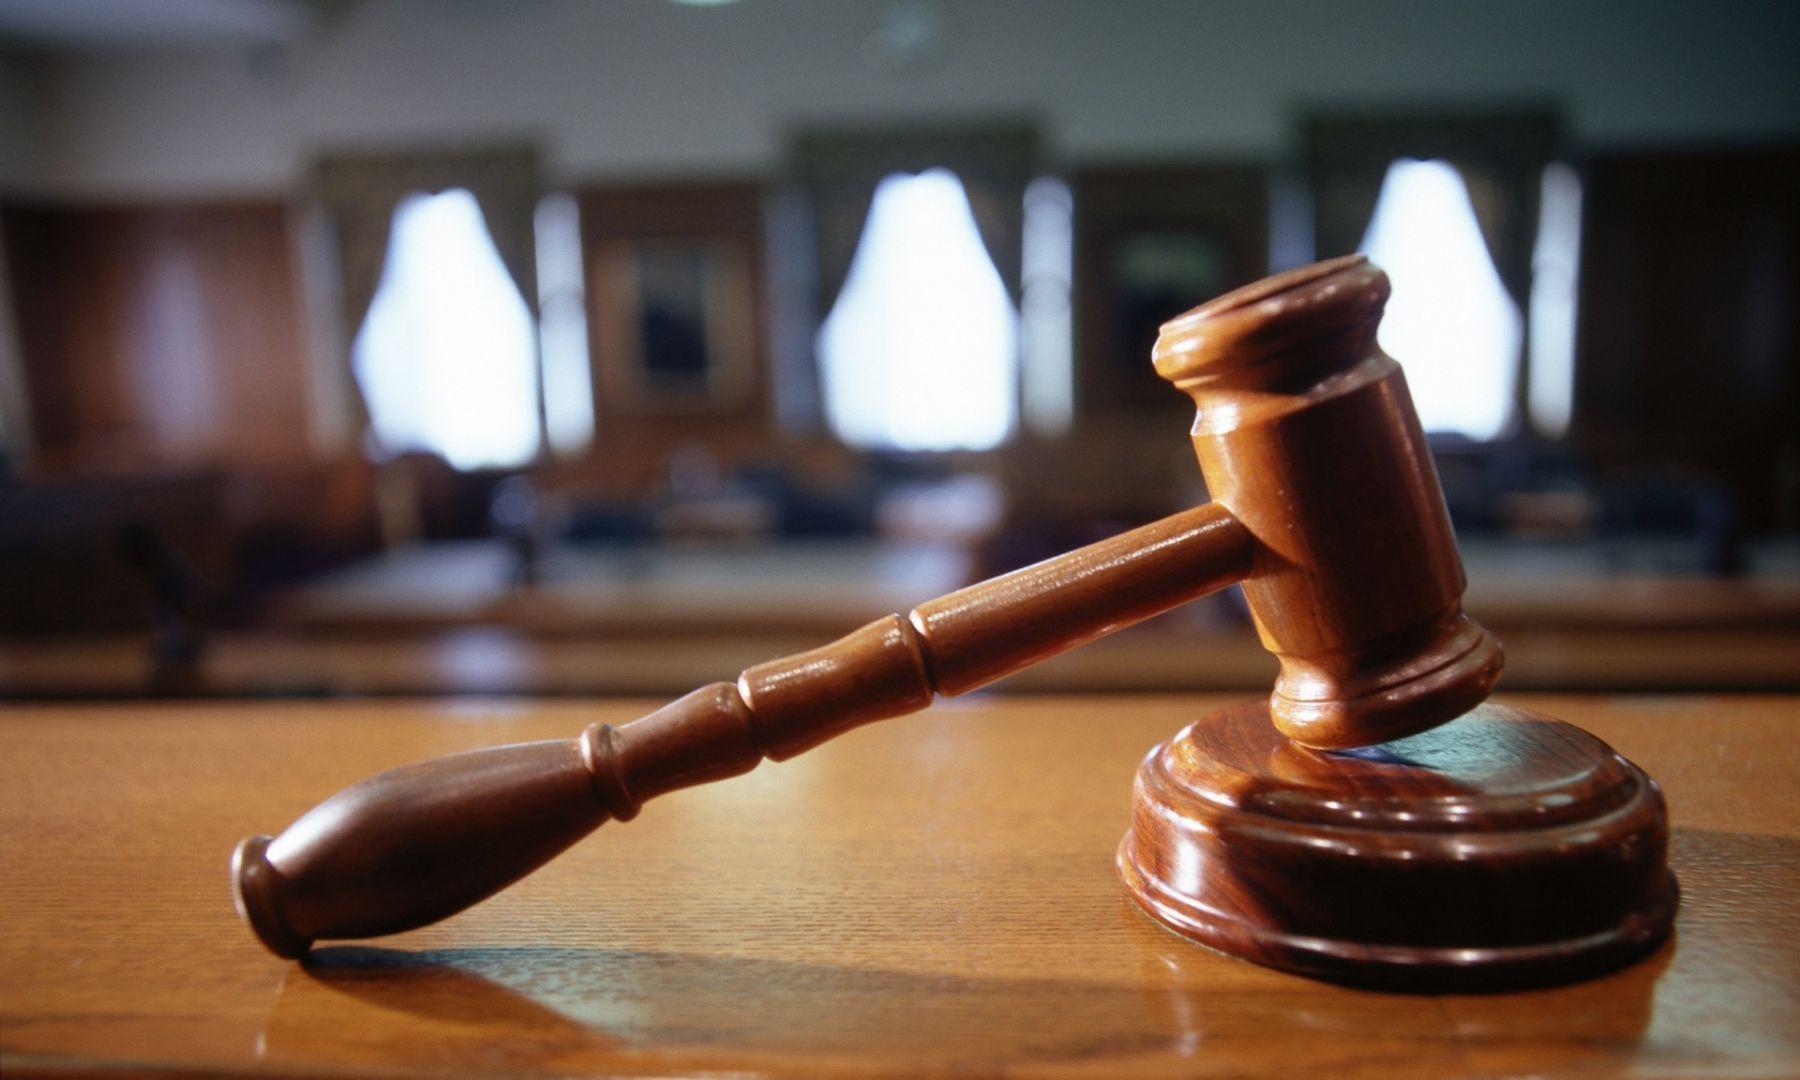 Нетрезвый хулиган осужден вСтаврополе заразбитый чужой Mercedes